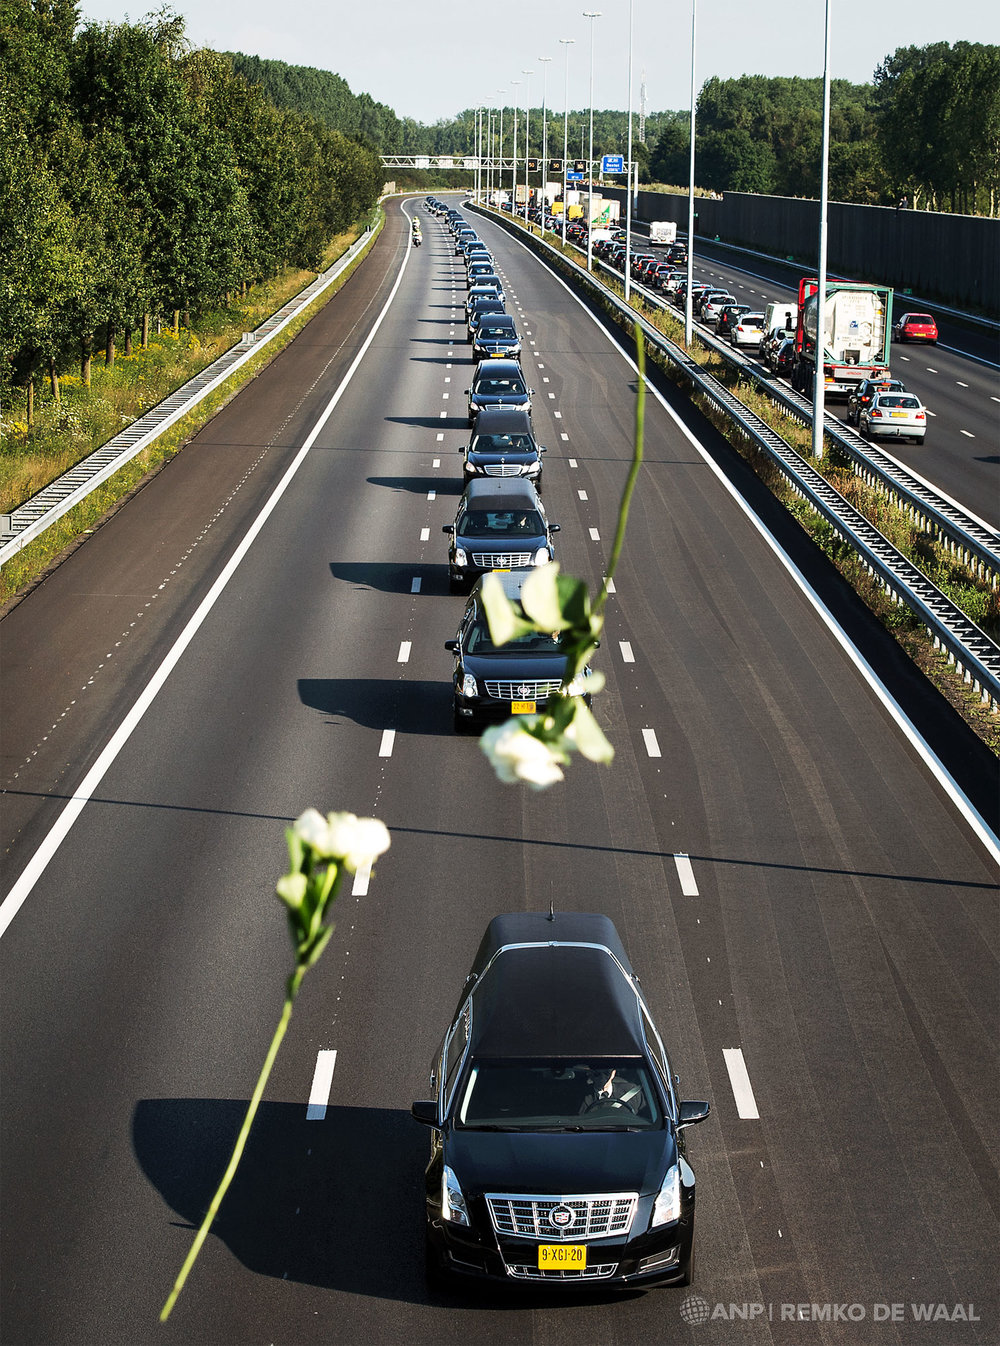 Witte rozen vallen terwijl de colonne van lijkwagens met slachtoffers van vliegramp MH17 vanuit Eindhoven Airport over de A2 richting Hilversum passeert.